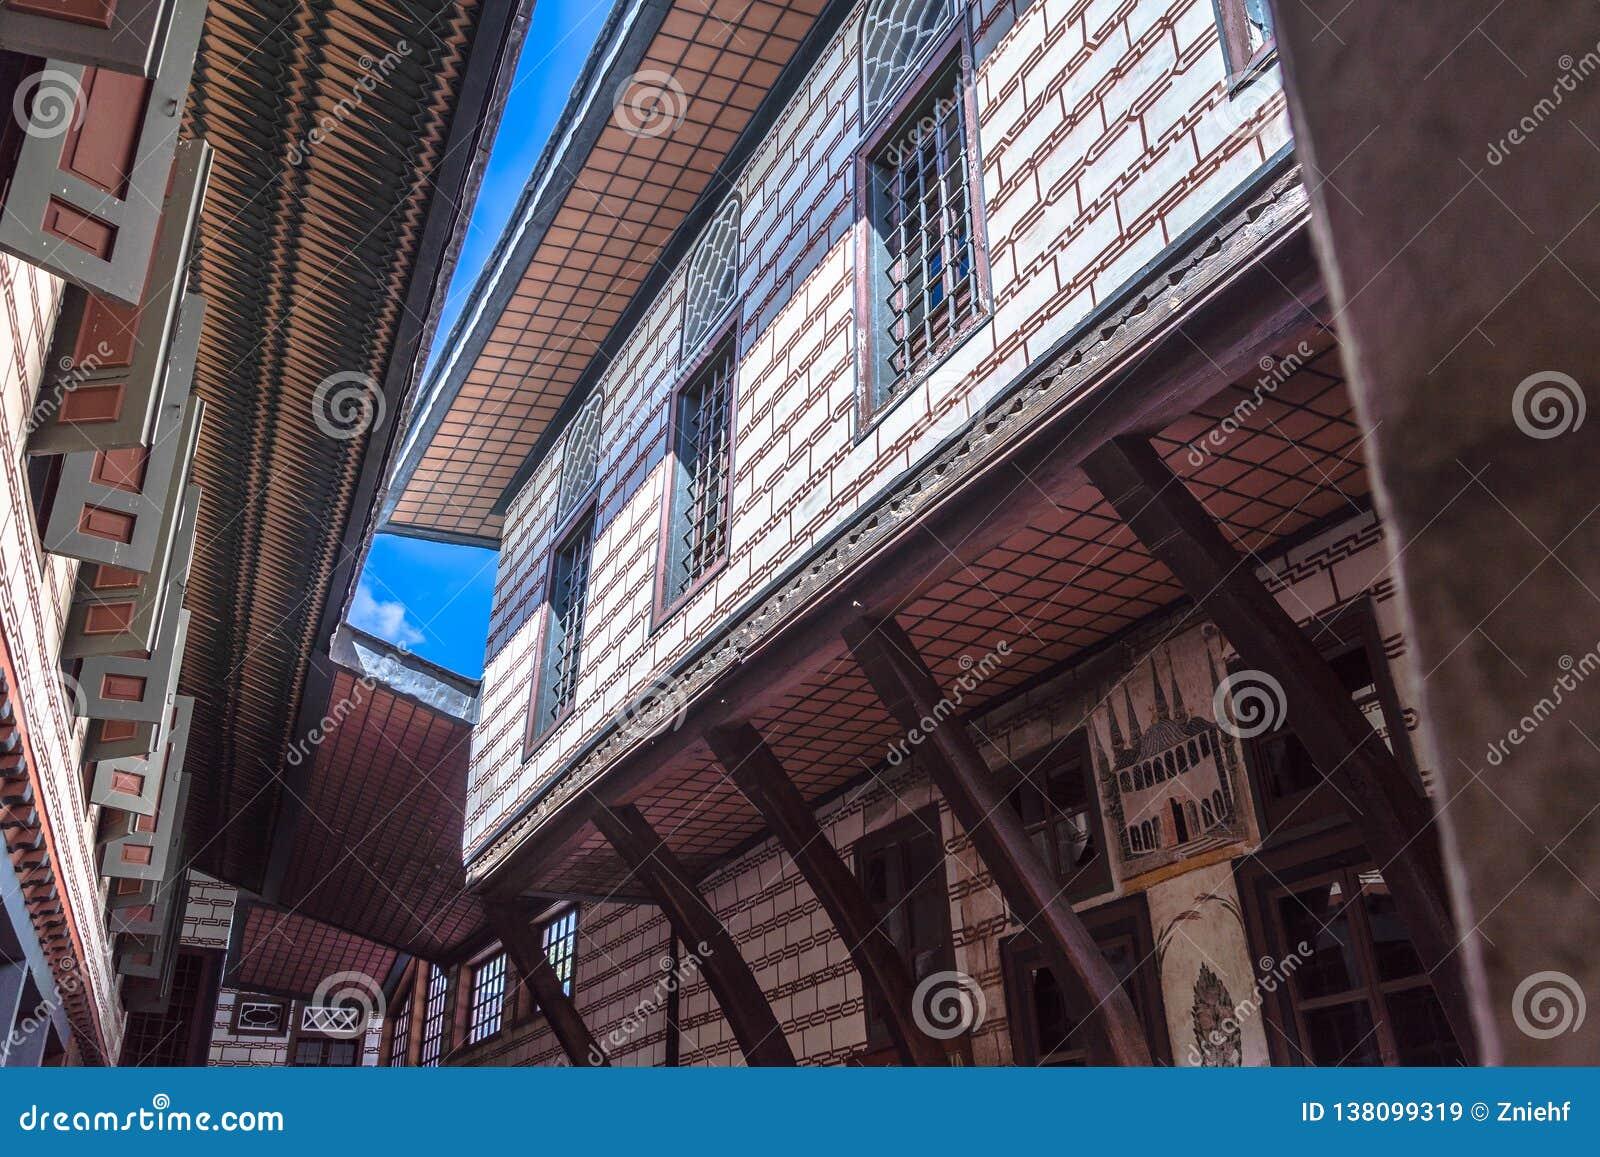 Estambul, Turquía, el 22 de septiembre de 2018: Vista de la fachada de un edificio en el segundo patio del palacio de Topkapi